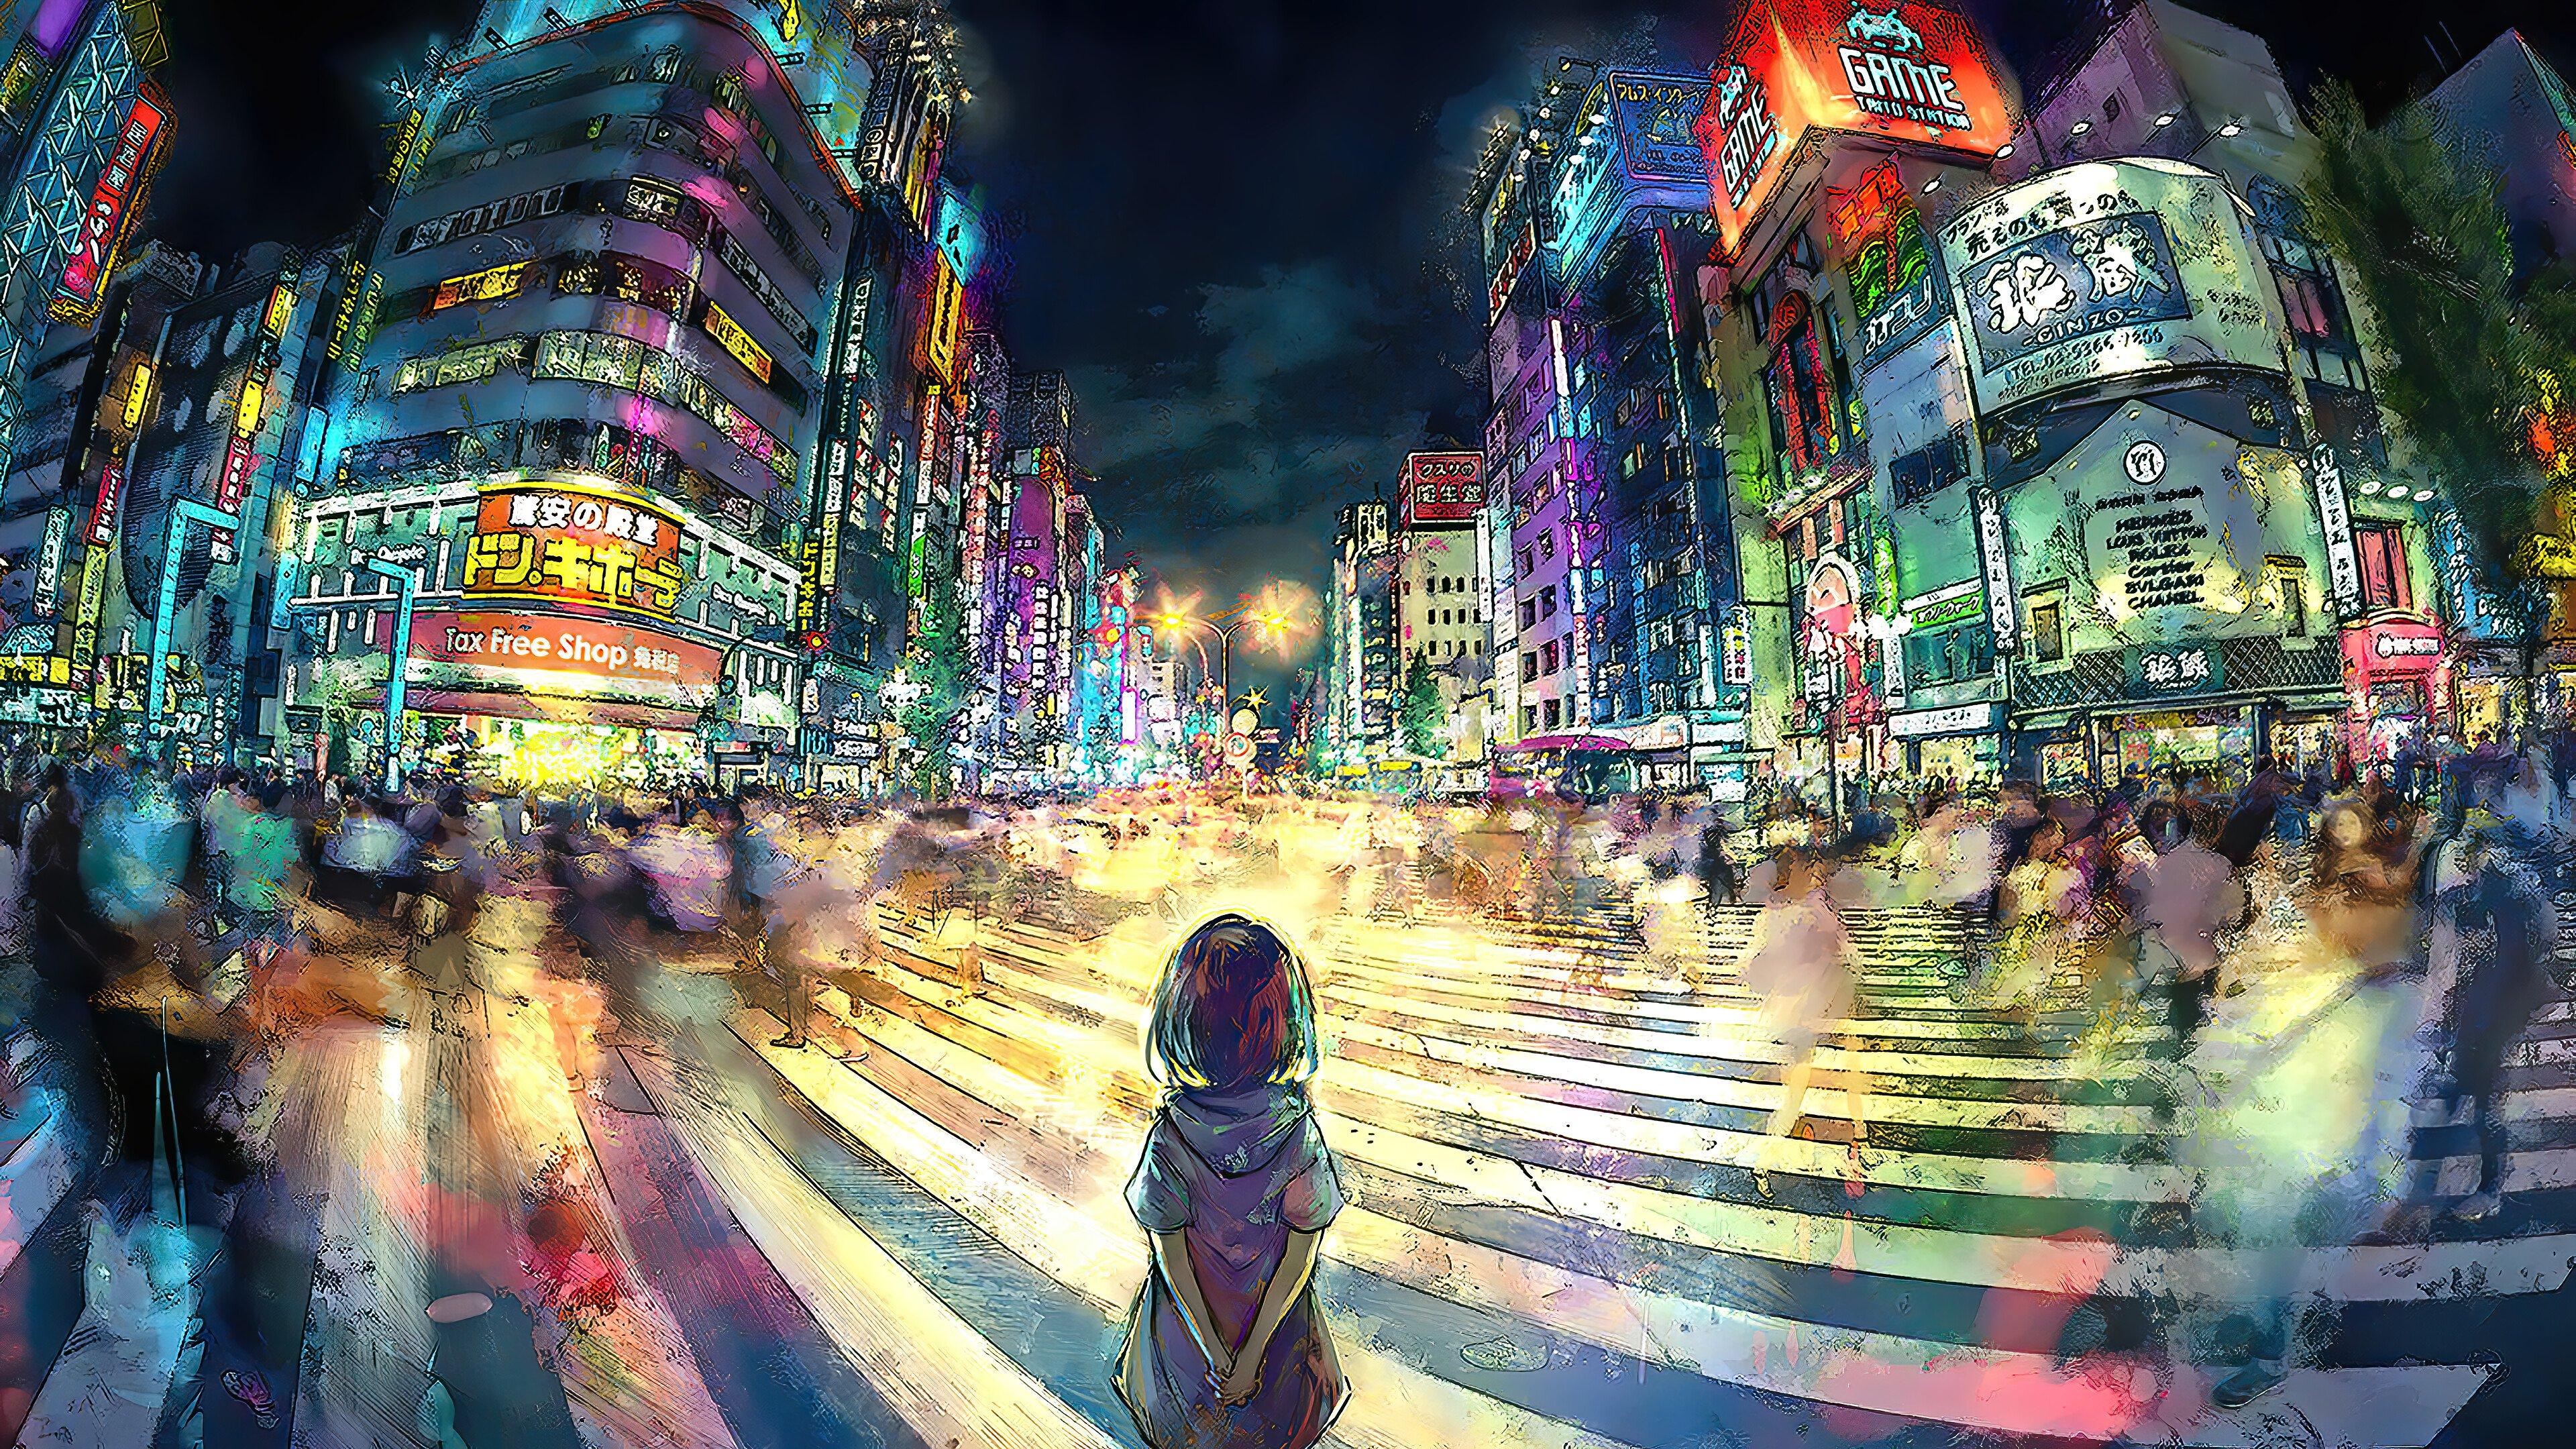 Fondos de pantalla Chica  Anime en Tokio Artwork